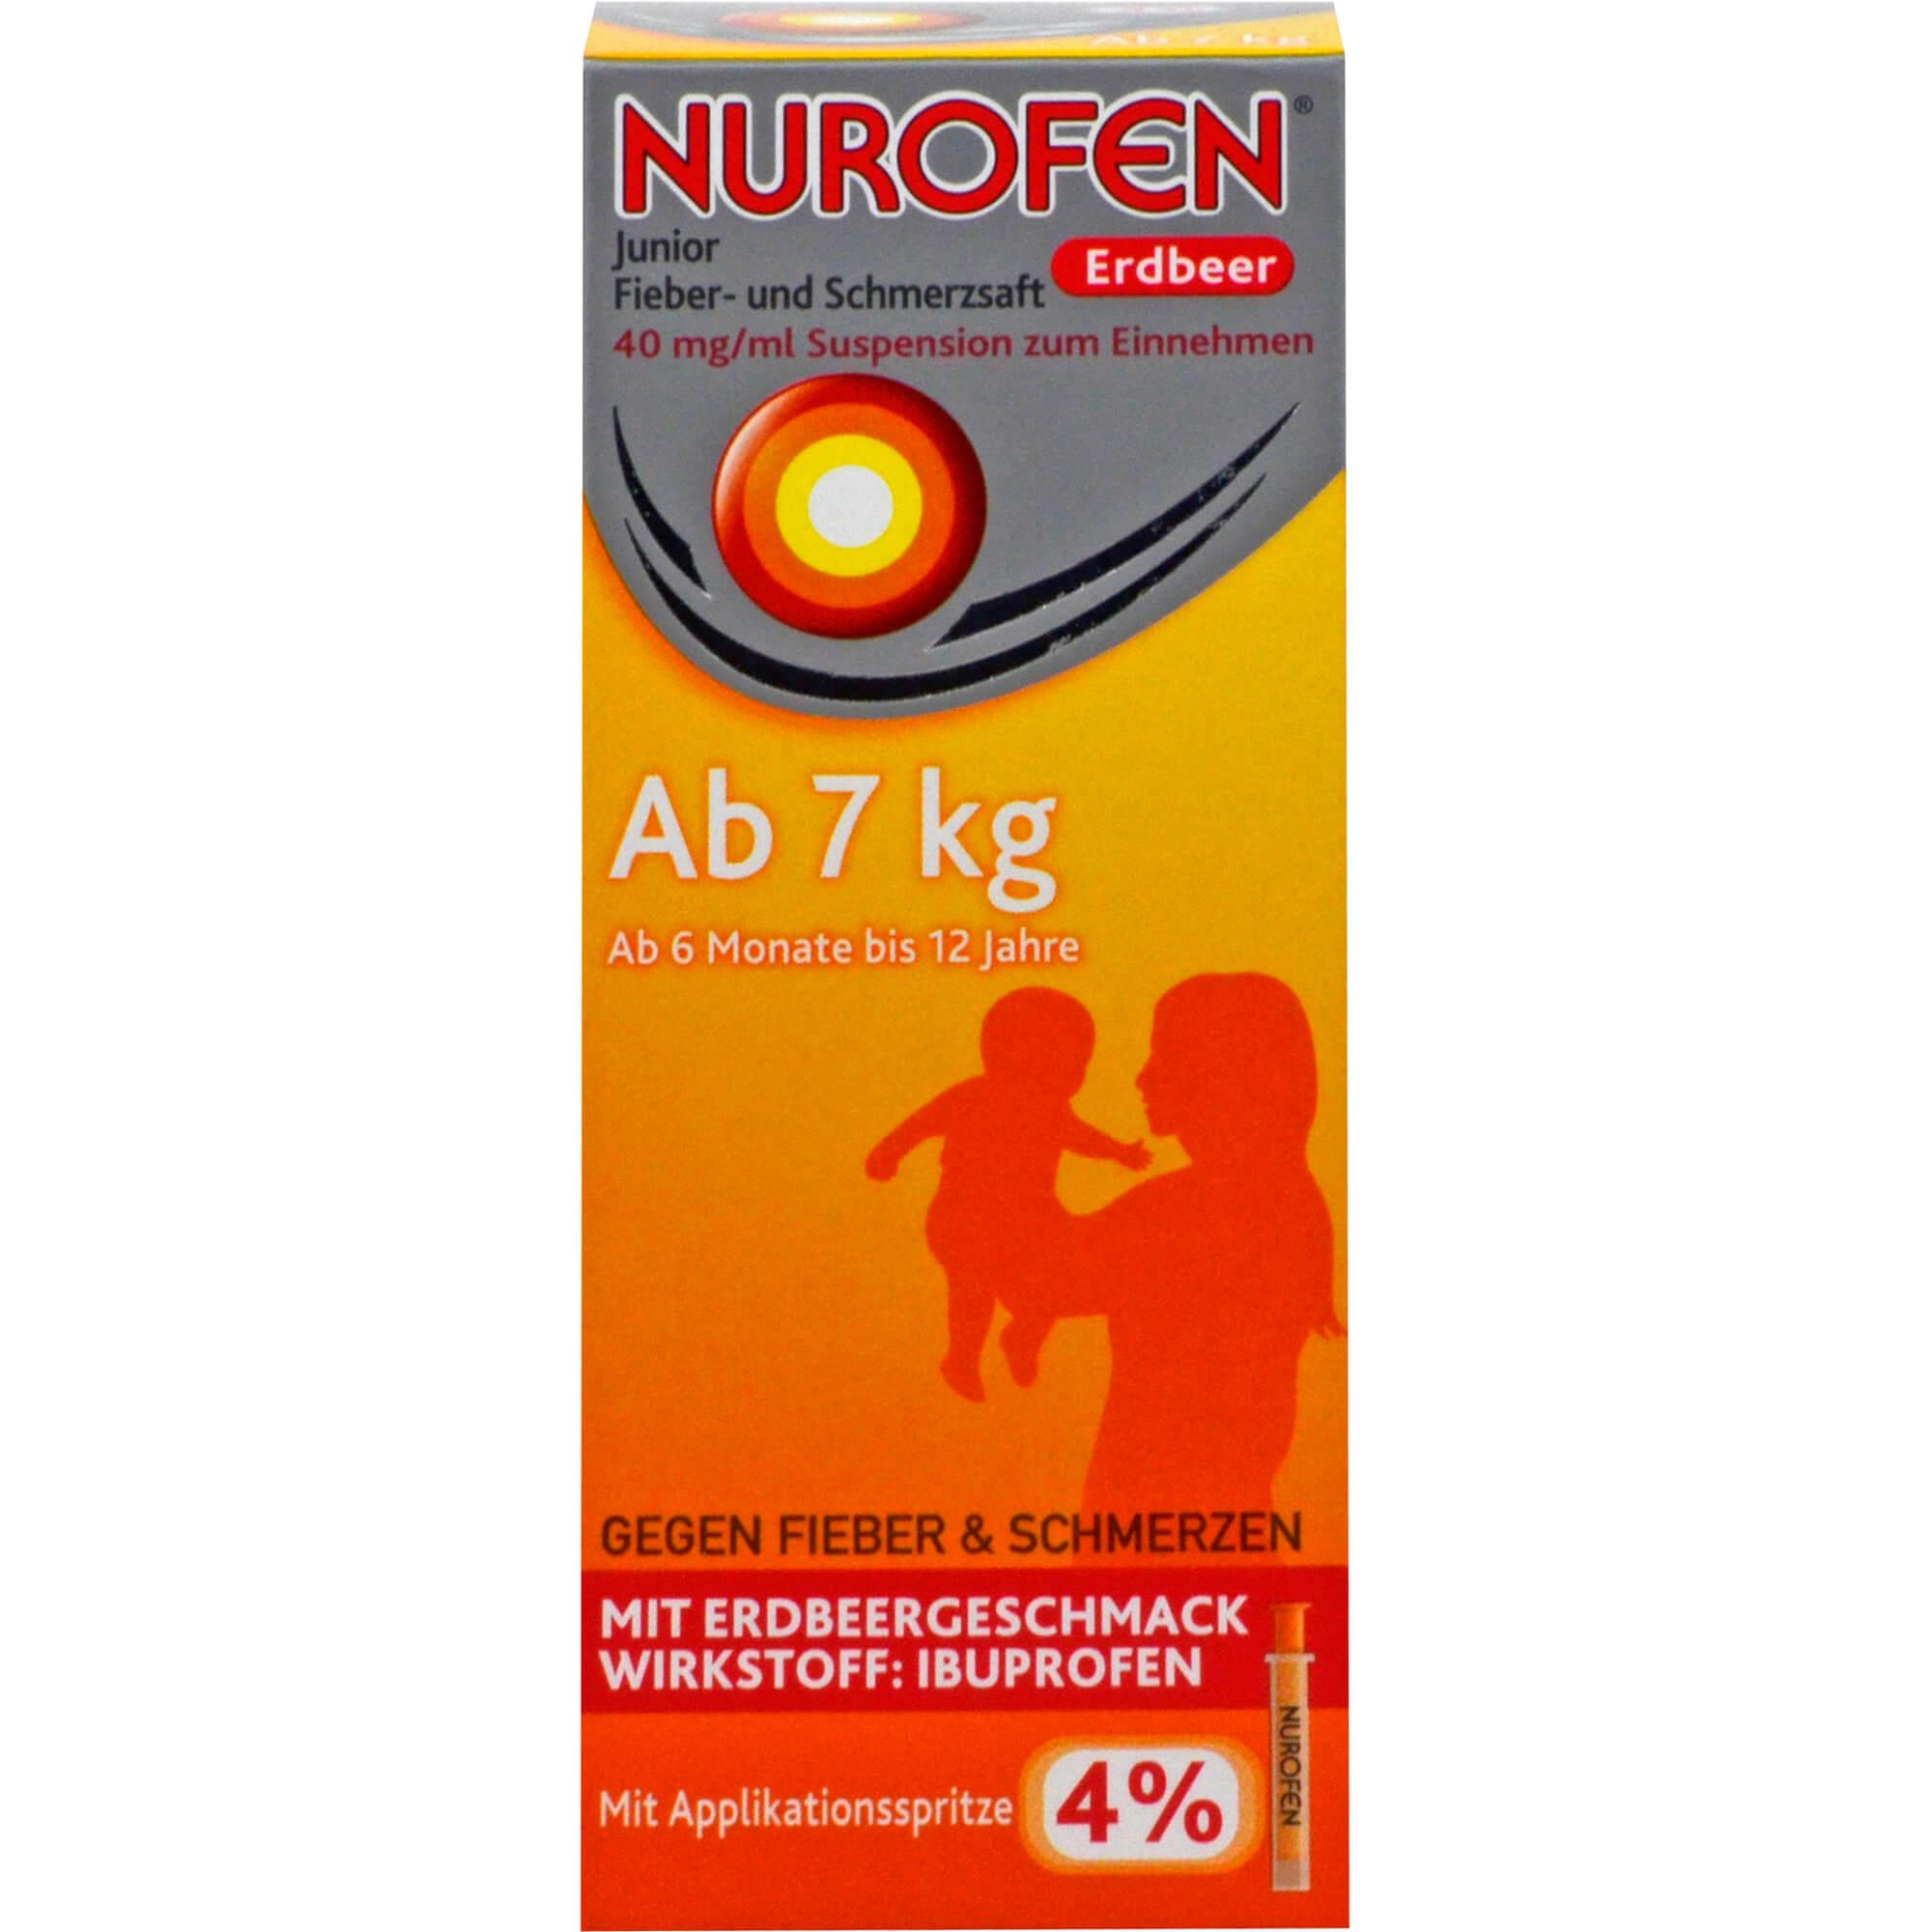 NUROFEN-Junior-Fieber-u-Schmerzsaft-Erdbe-40-mg-ml